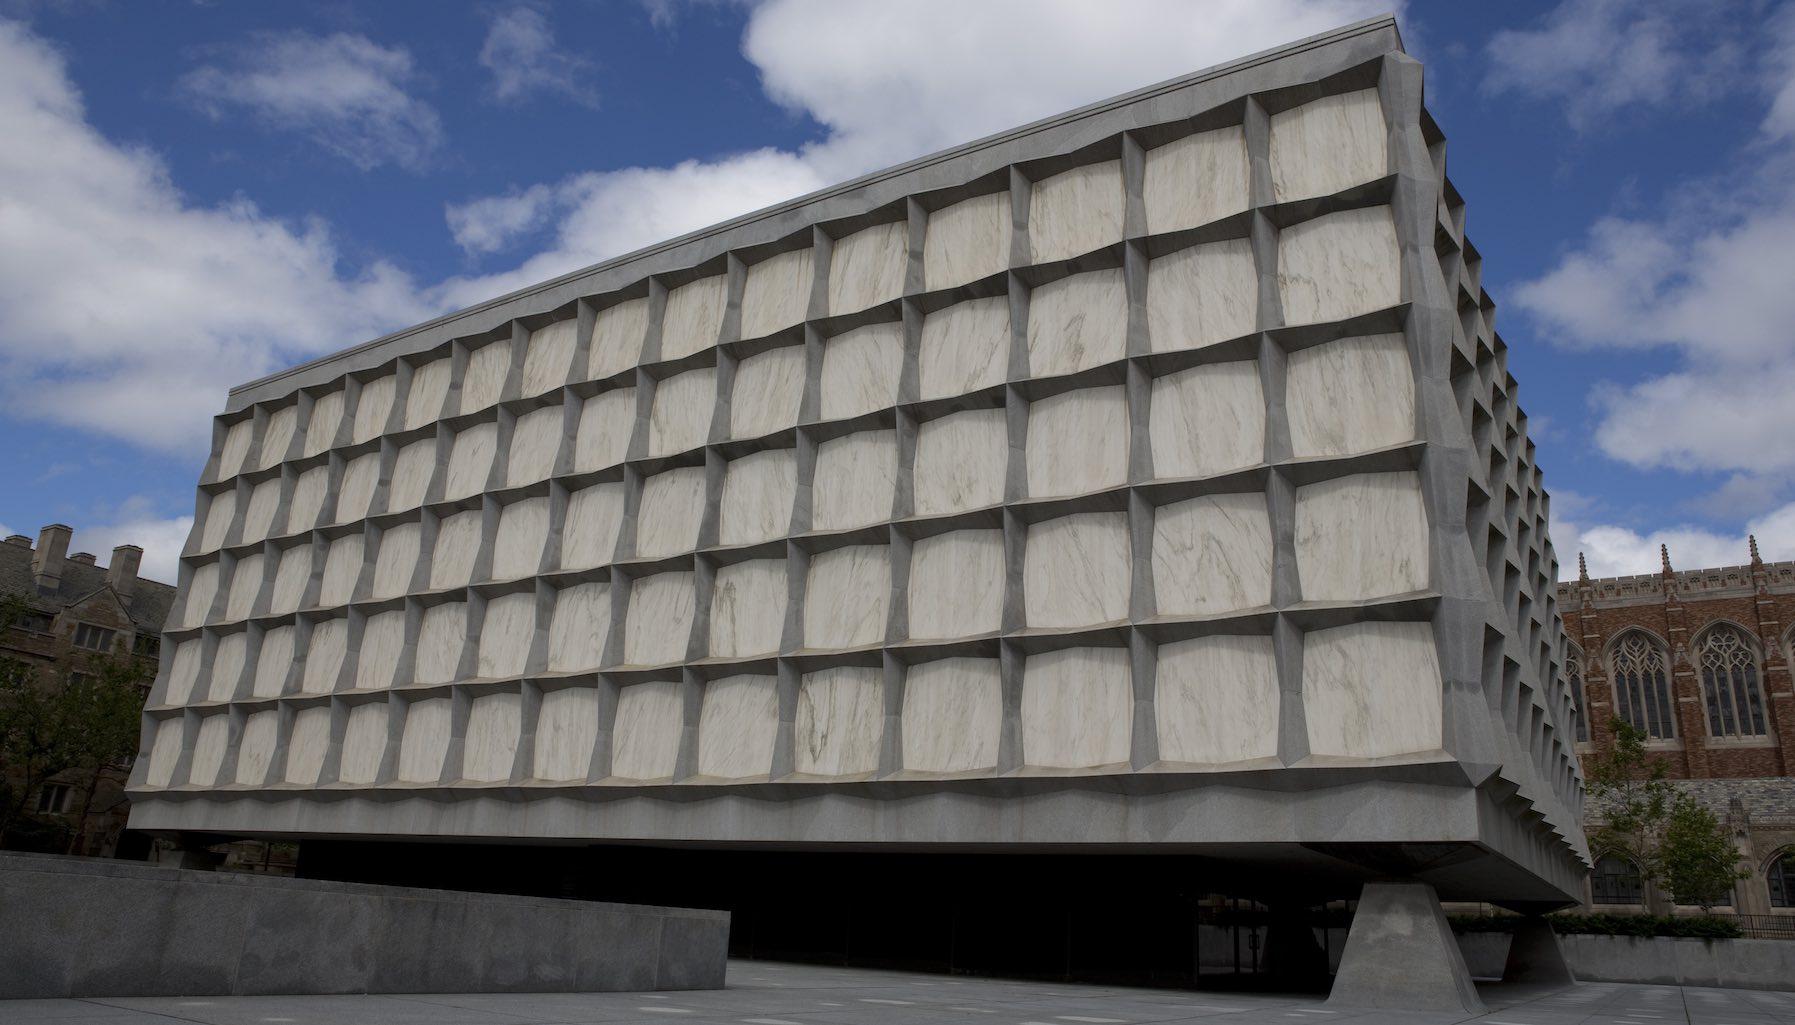 Khuôn viên thư viện Beinecke, đại học Yale